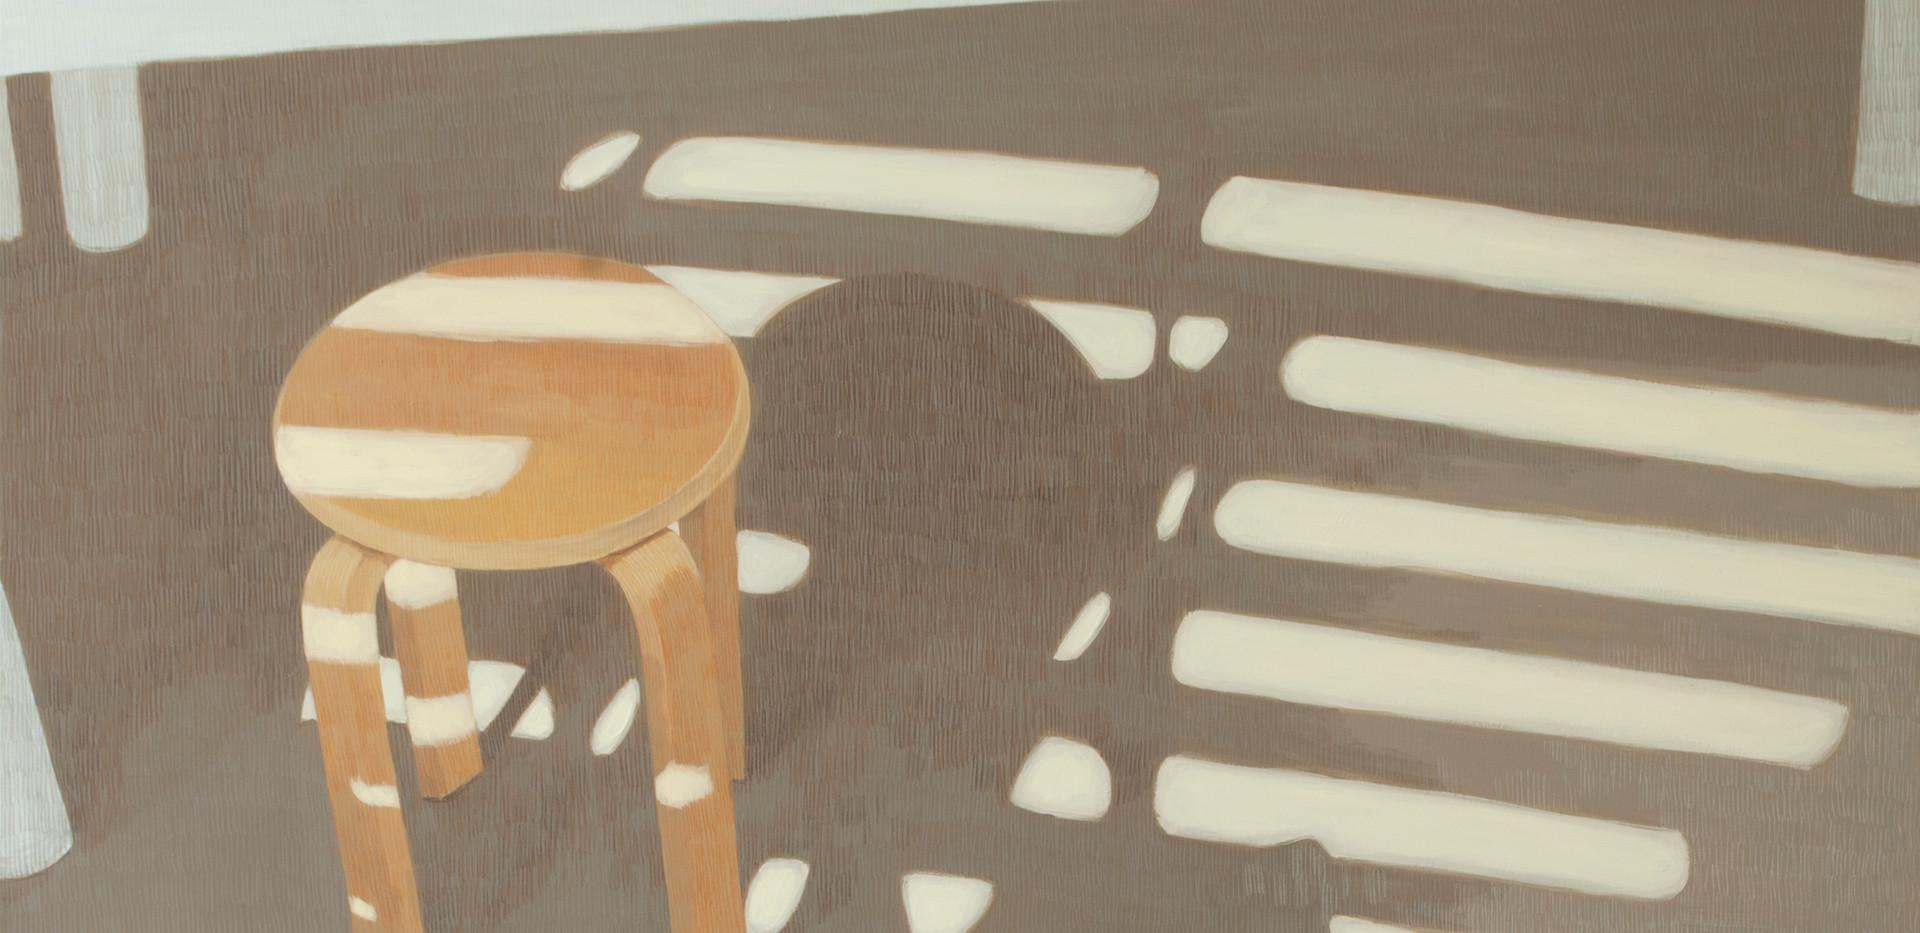 김민주, <202003030946>,  Acrylic, color pancle on canvas, 116.8*72.7cm, 2020